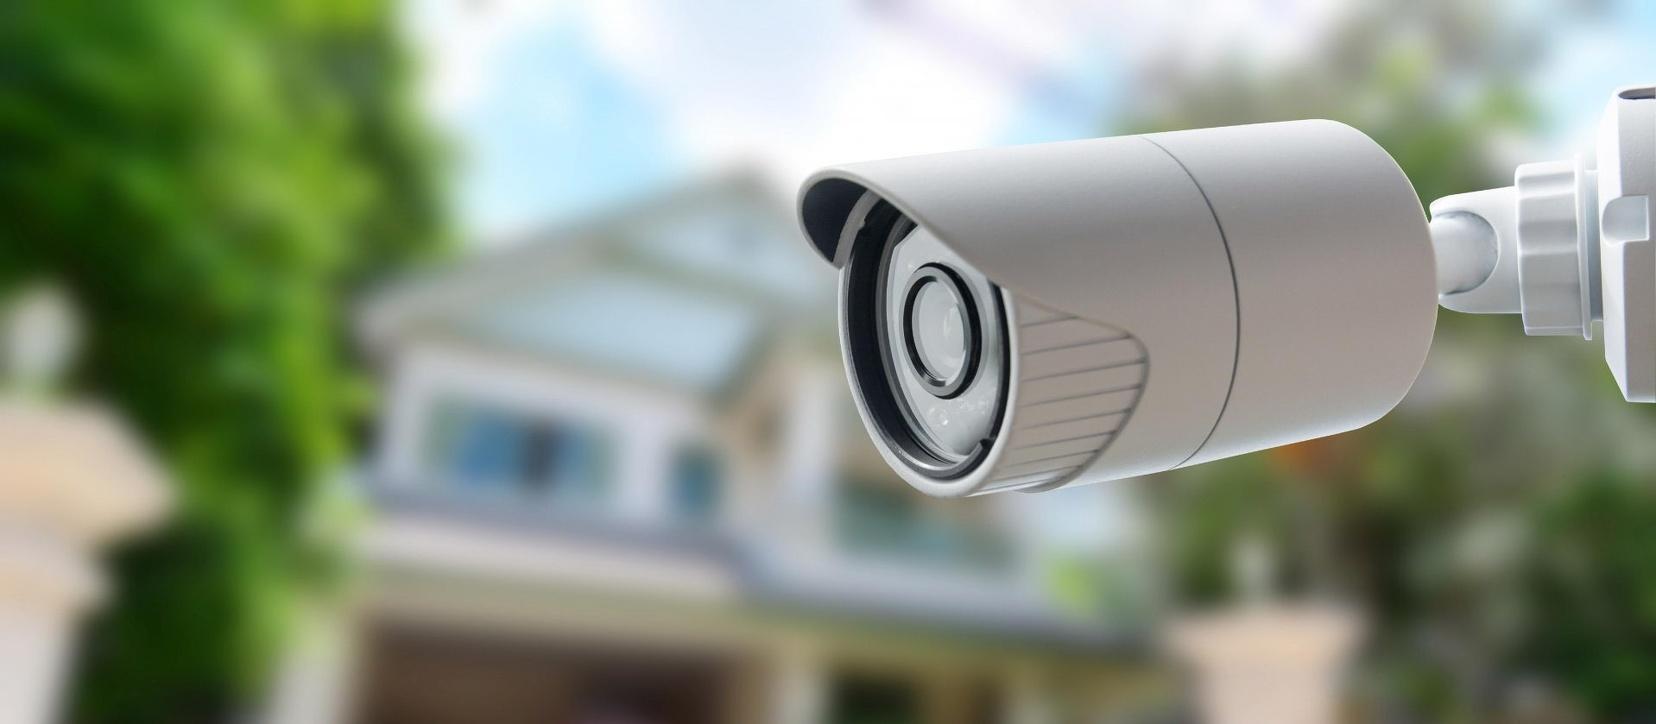 Способы защиты жилища от незаконных проникновений